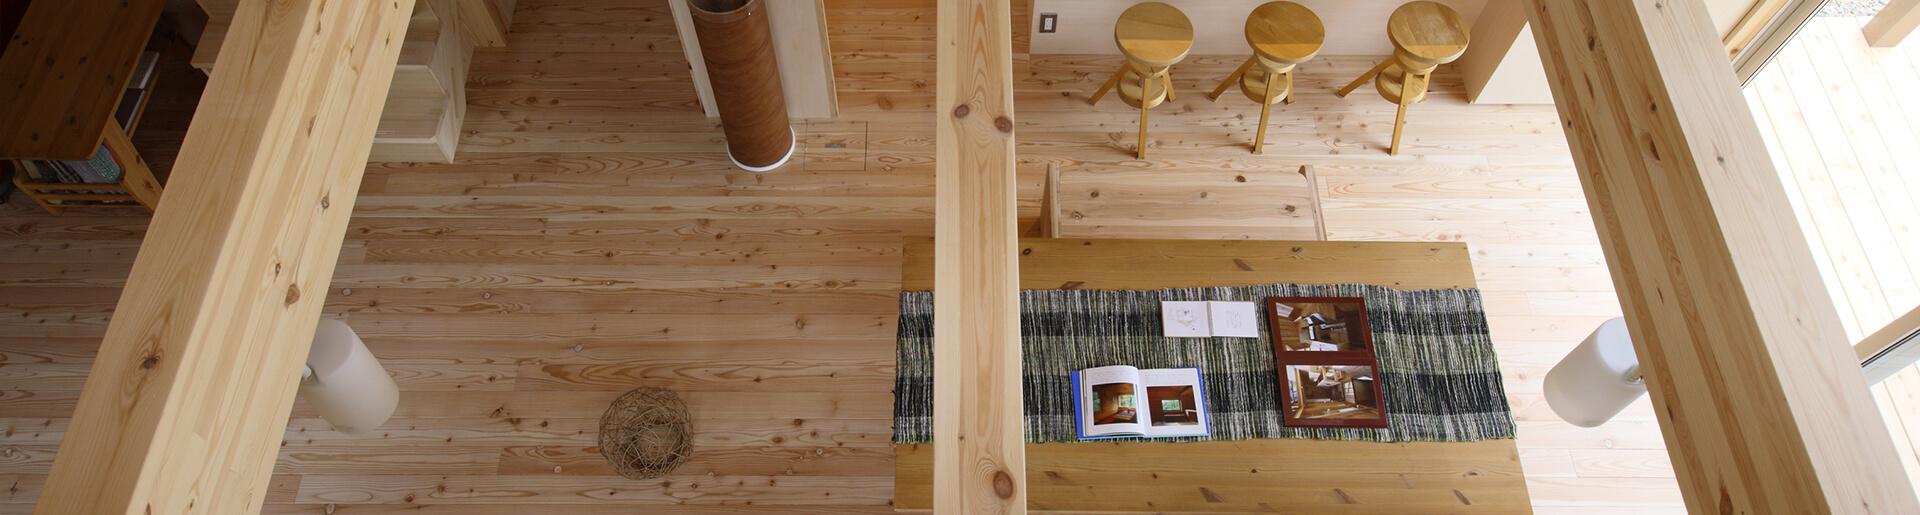 木の家に住むイメージ